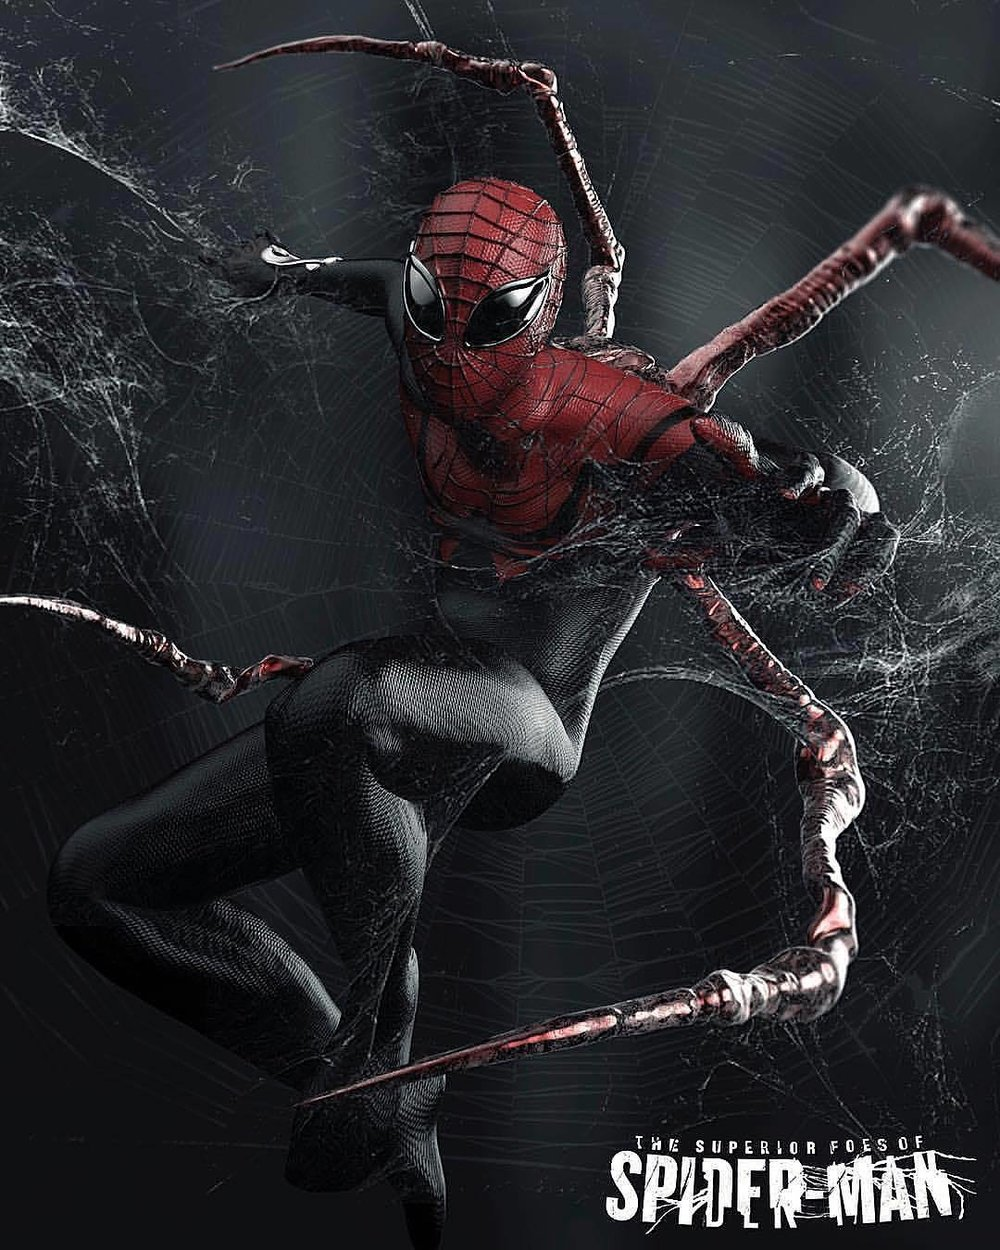 """Kostium z dodatkowymi kończynami to znak charakterystyczny Superior Spider-Mana. Jednym z małych zaskoczeń nowego filmu jest wykorzystanie tego samego myku w nowym kostiumie Petera Parkera w """"Infinity War"""". Spoko, to jest bardzo tyci, tyci spoiler."""